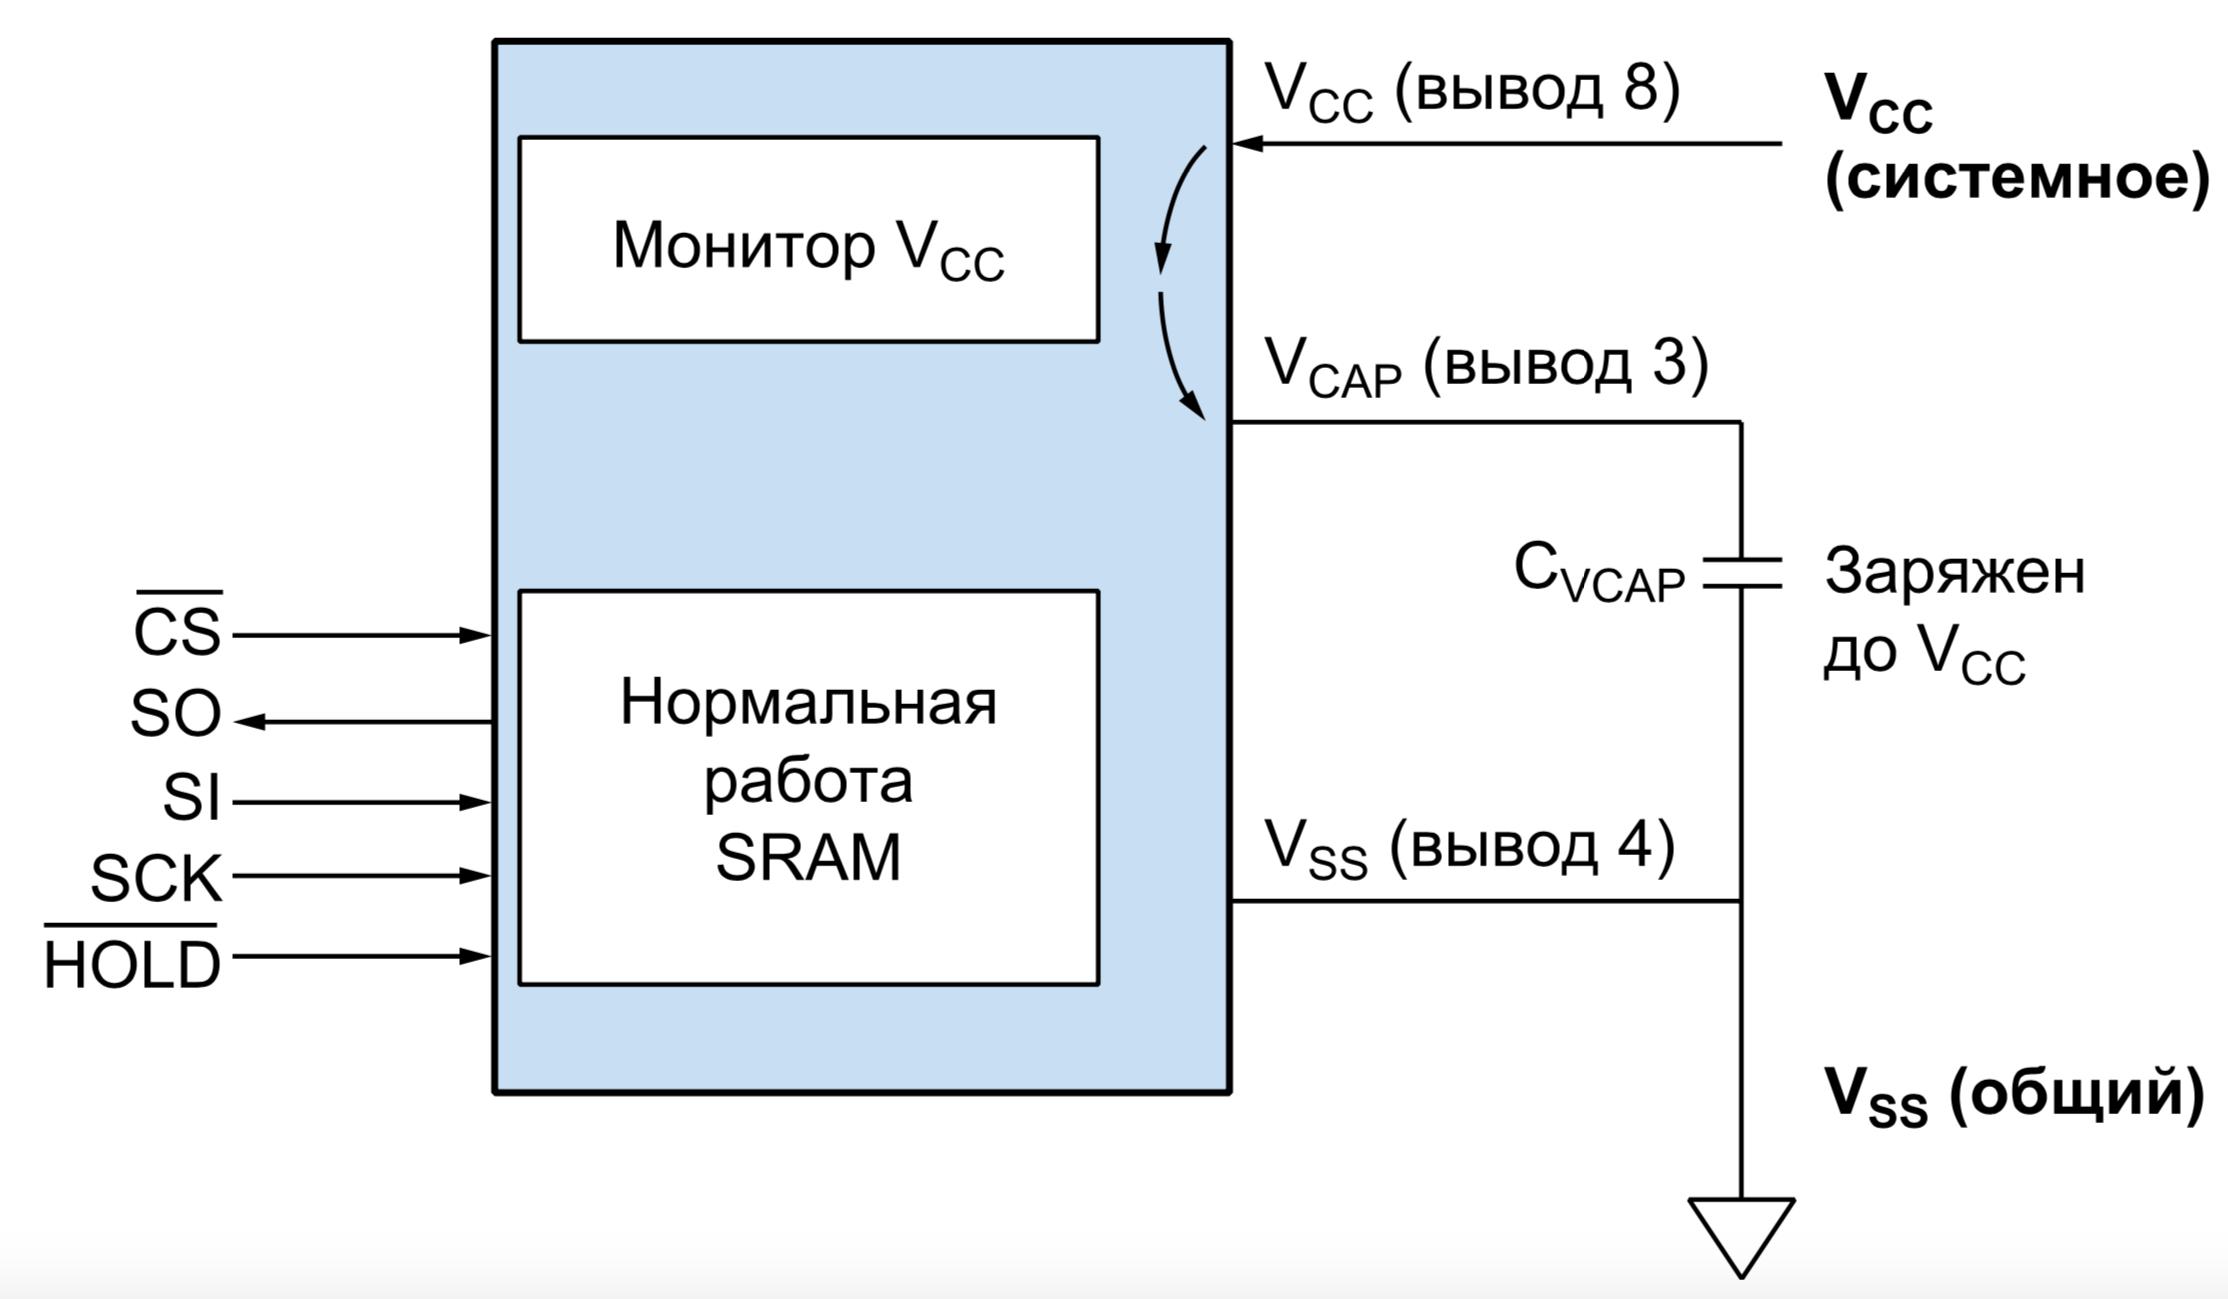 Нормальная работа SRAM. Для работы в качестве энергонезависимой памяти необходимо только добавить конденсатор CVCAP